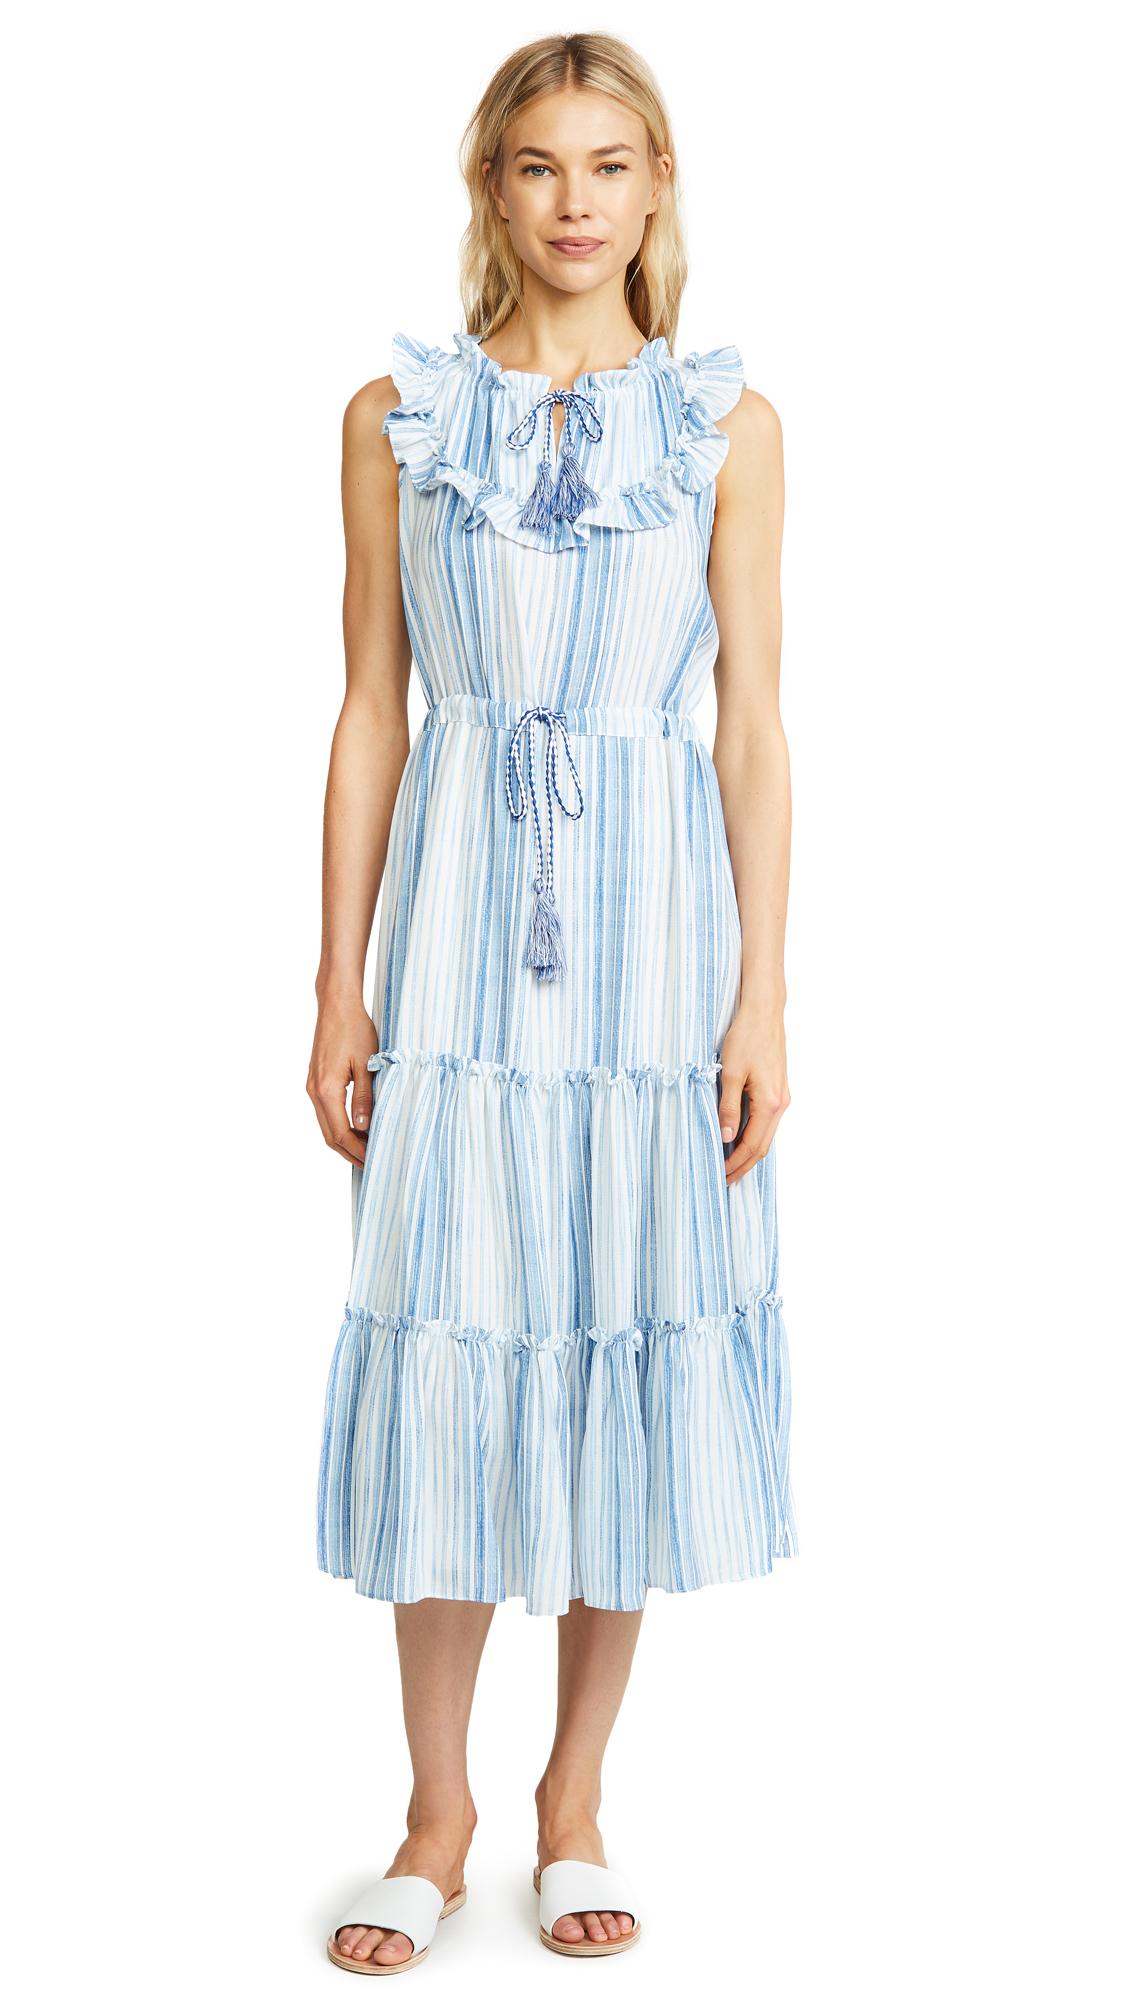 MISA Aleja Dress In Blue